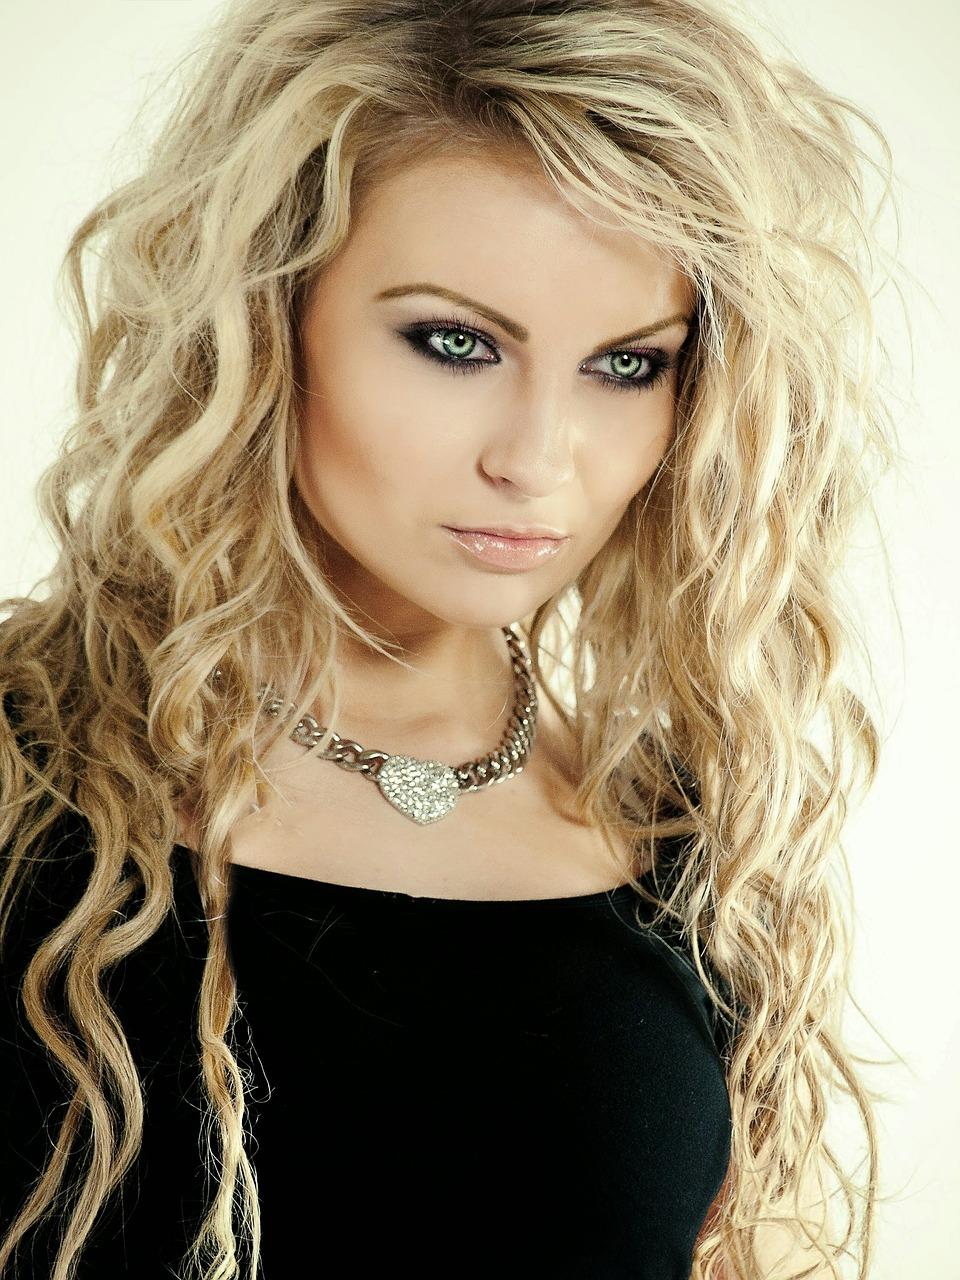 Honey blonde - blonde hair with a warm golden glow.